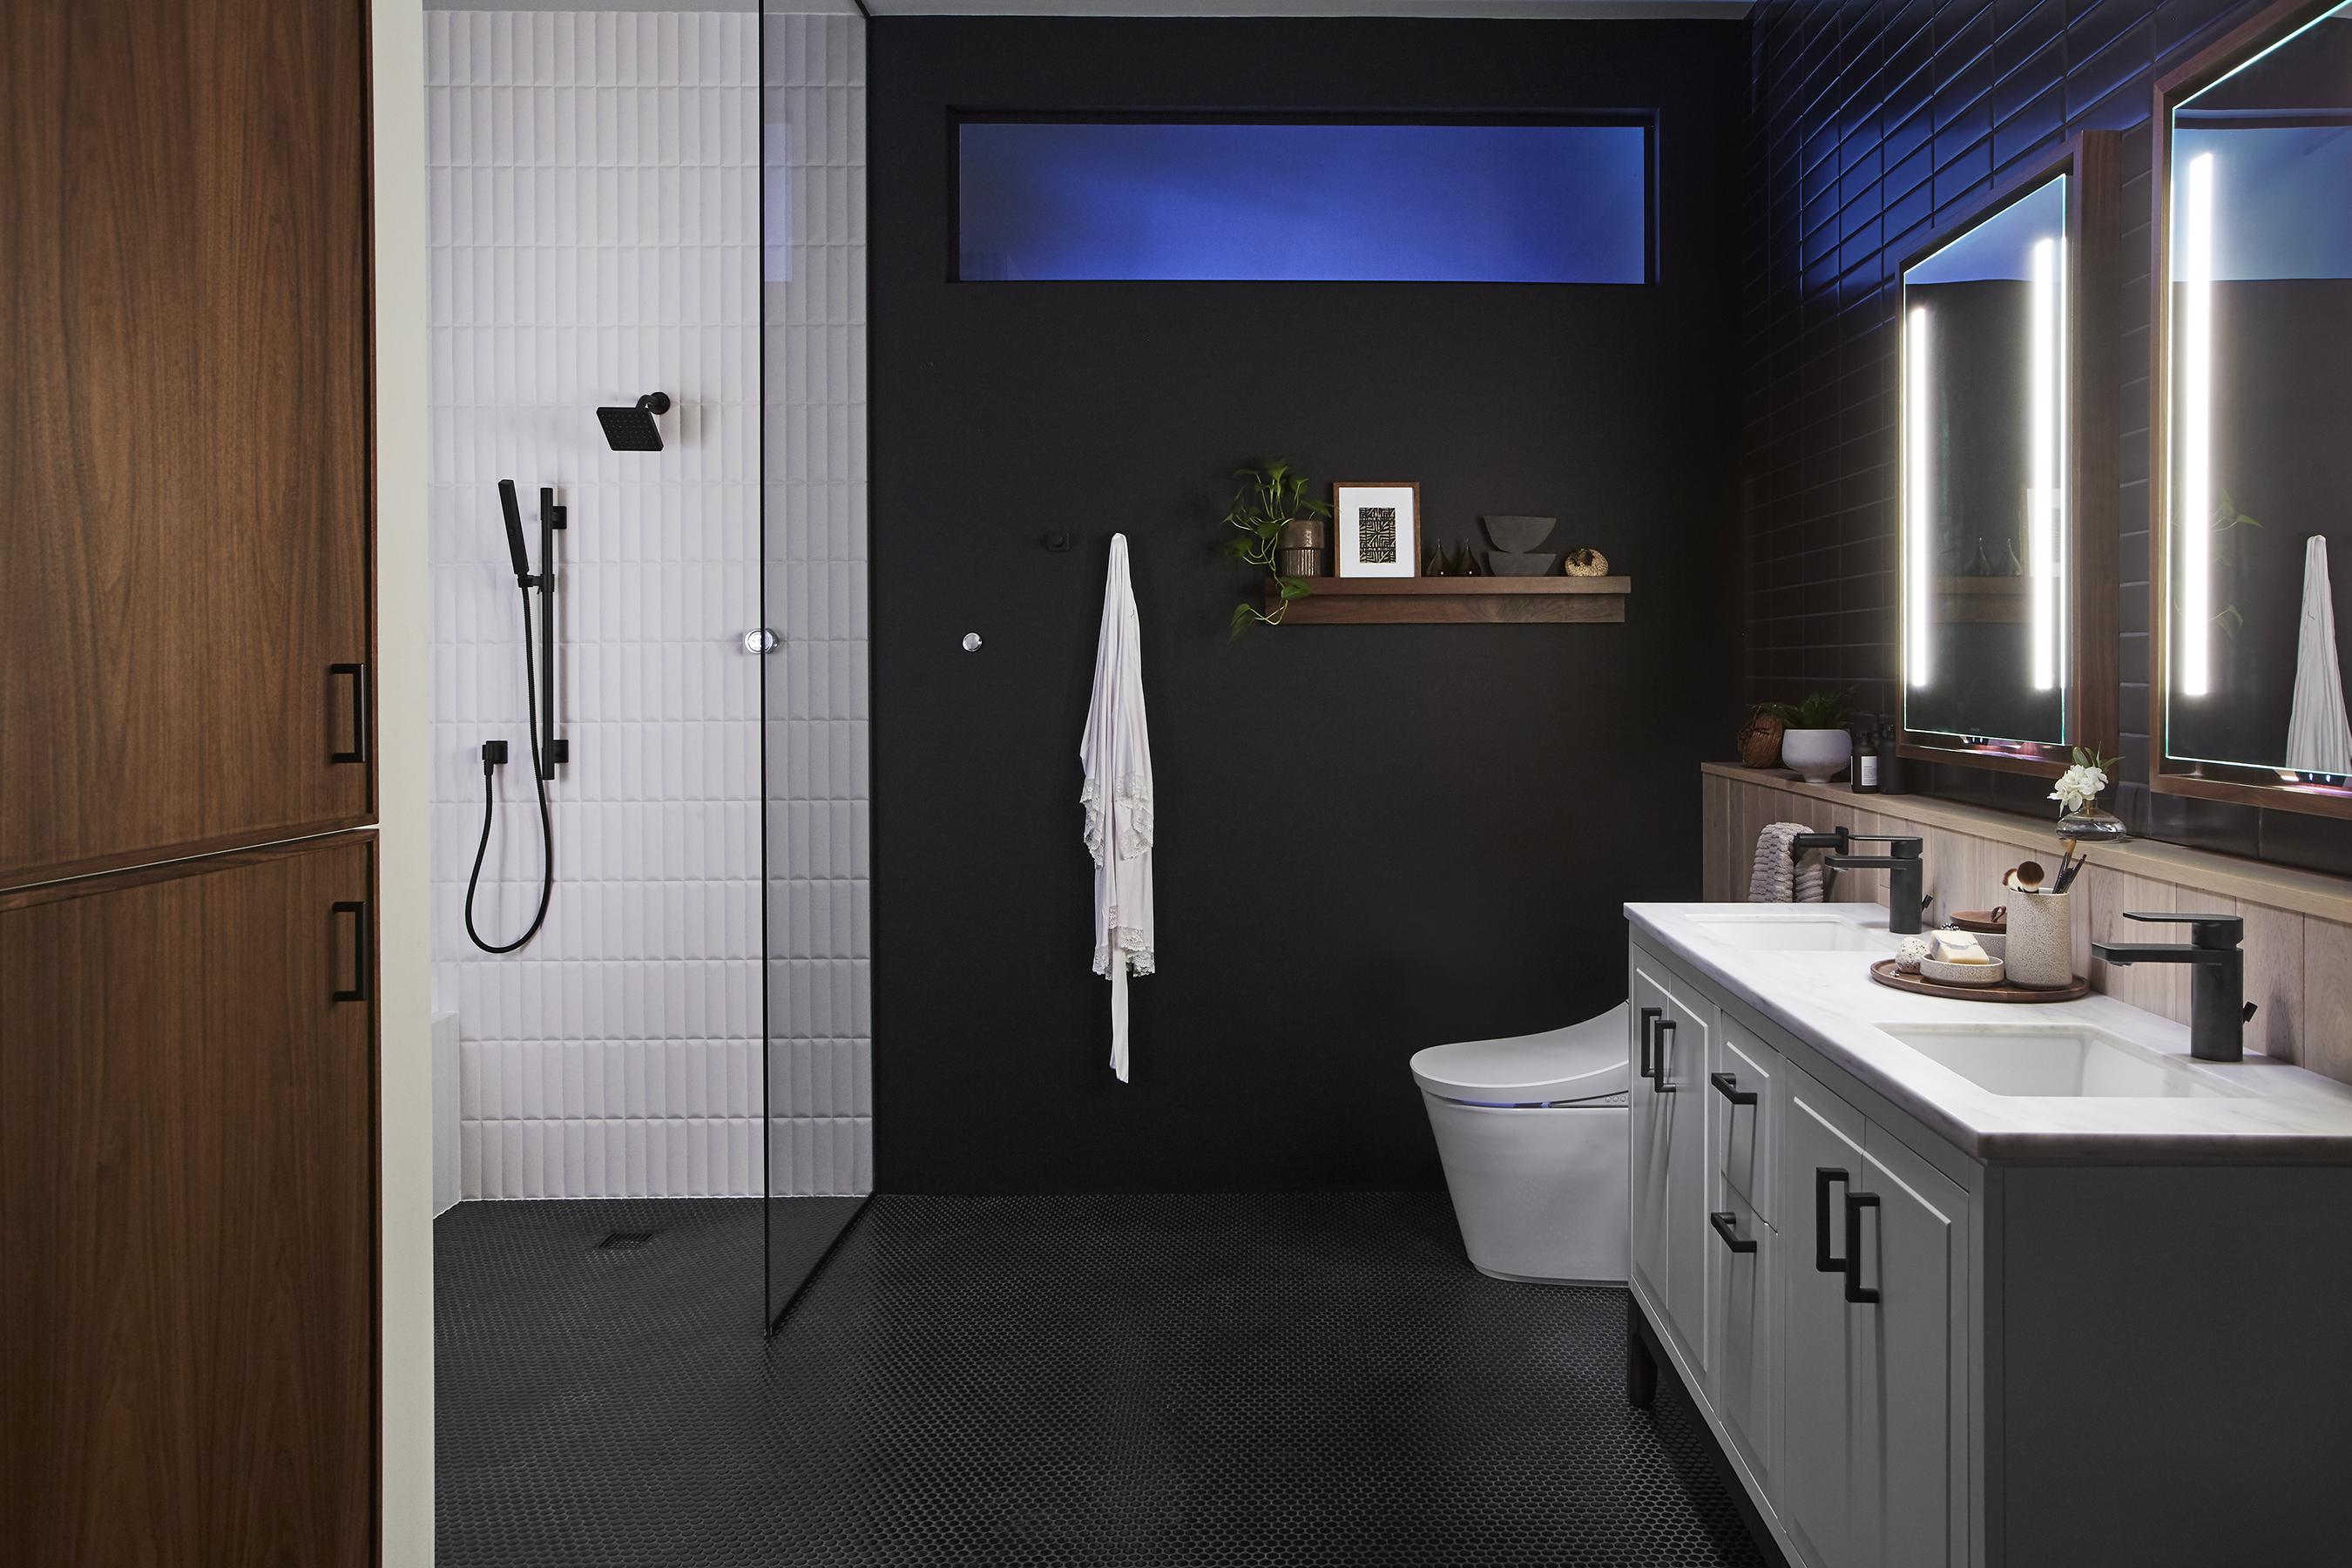 KOHLER Smart Bathroom